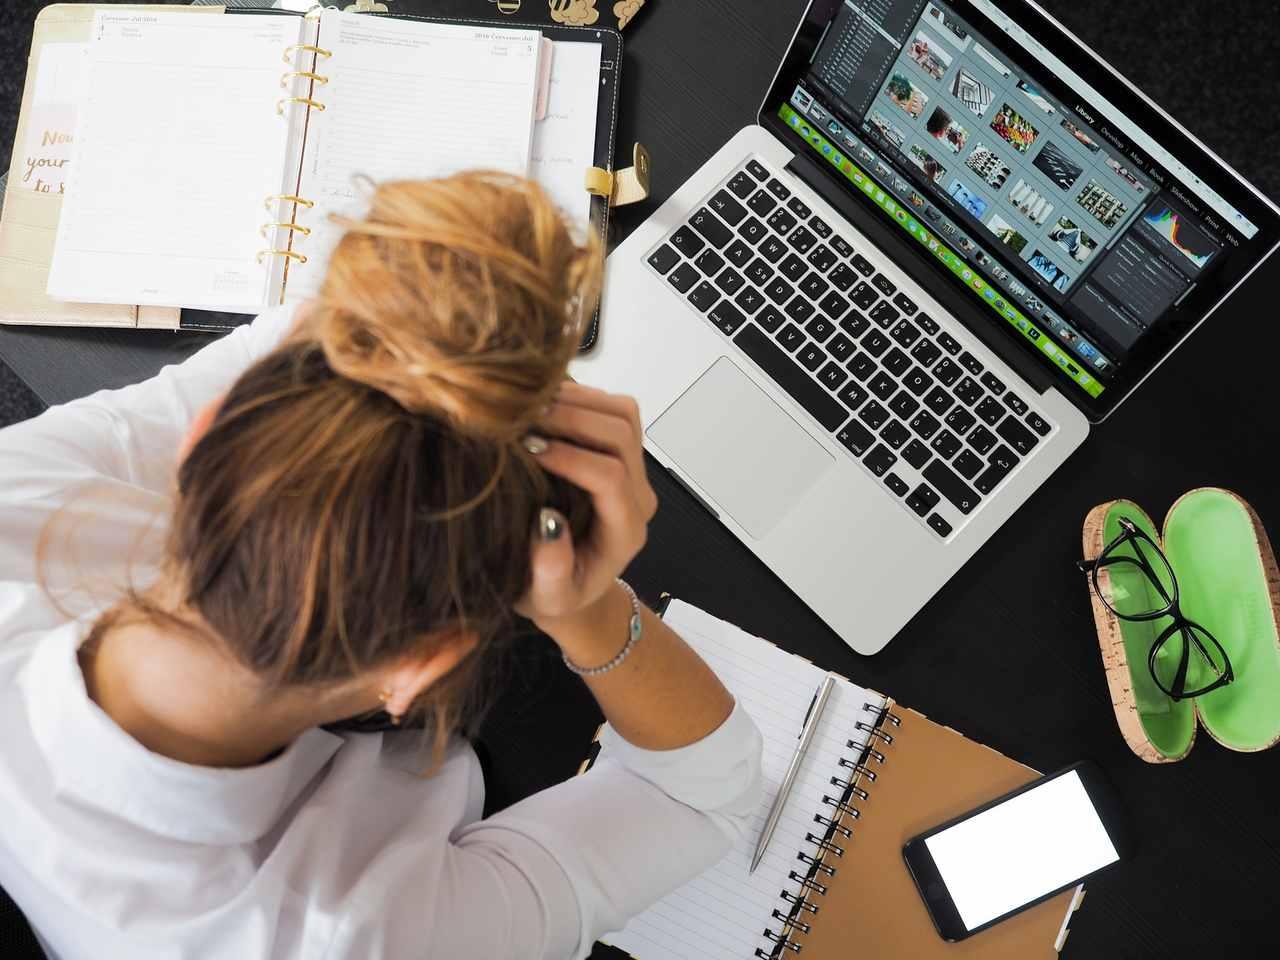 Como Manter a Calma em Situações Estressantes? Conheça as Técnicas